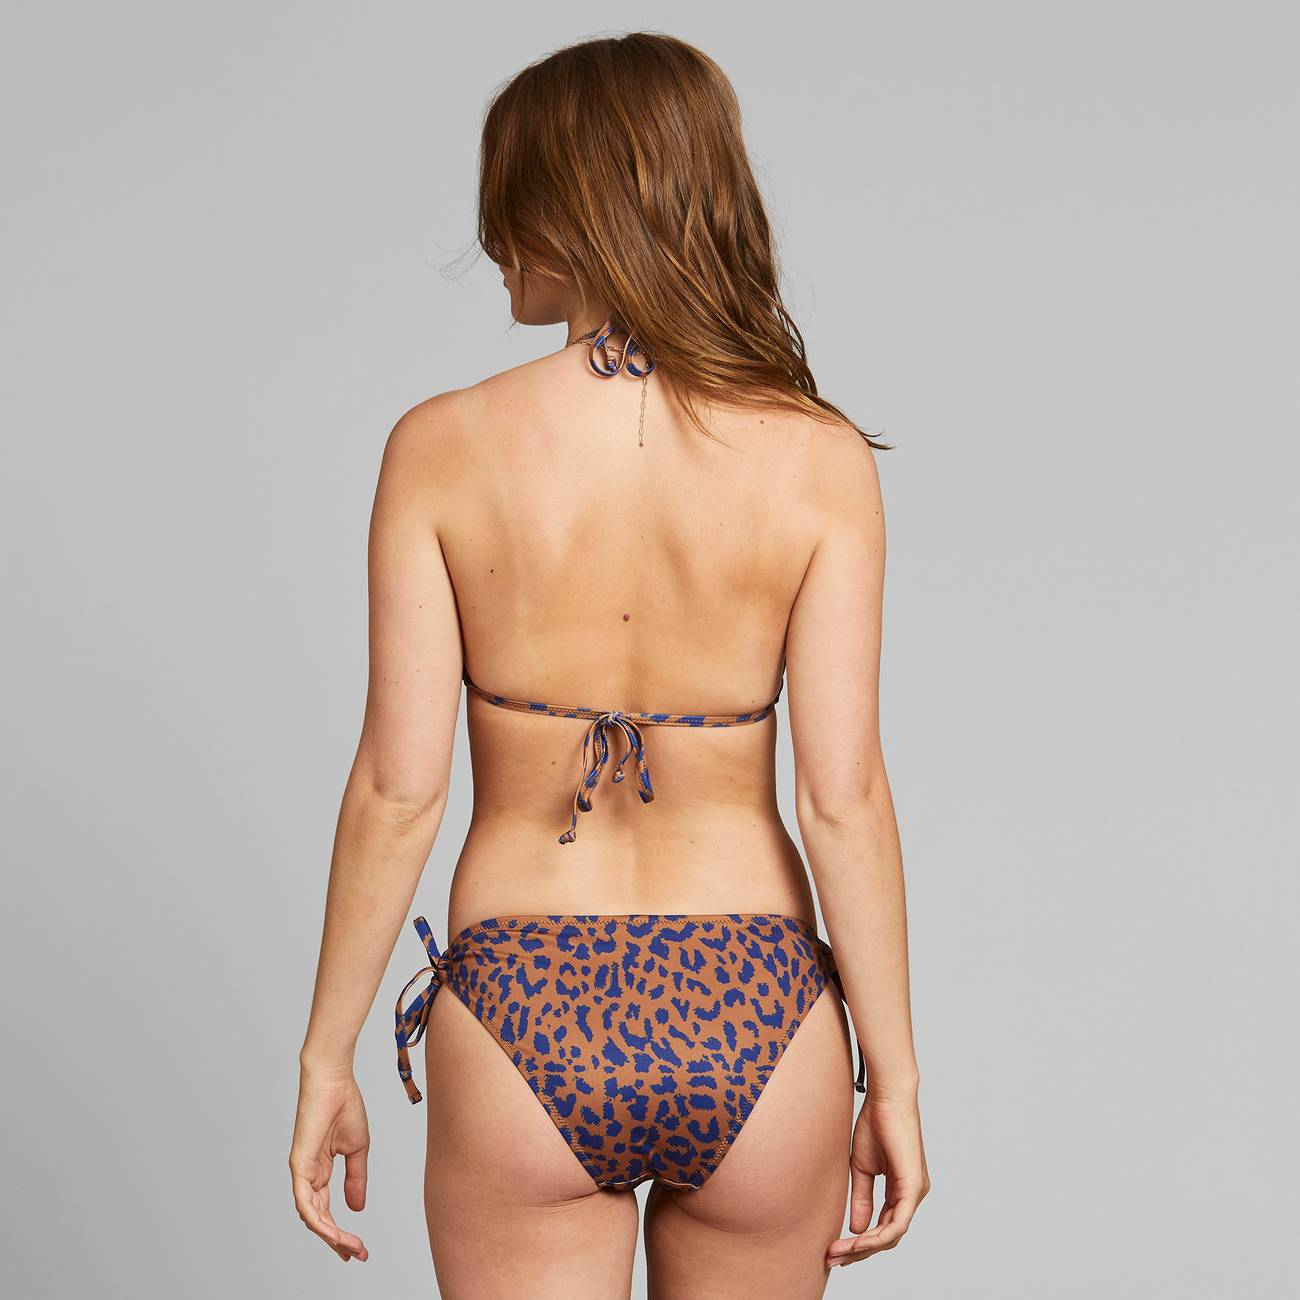 Bikini Top Sandnes Leopard Light Brown